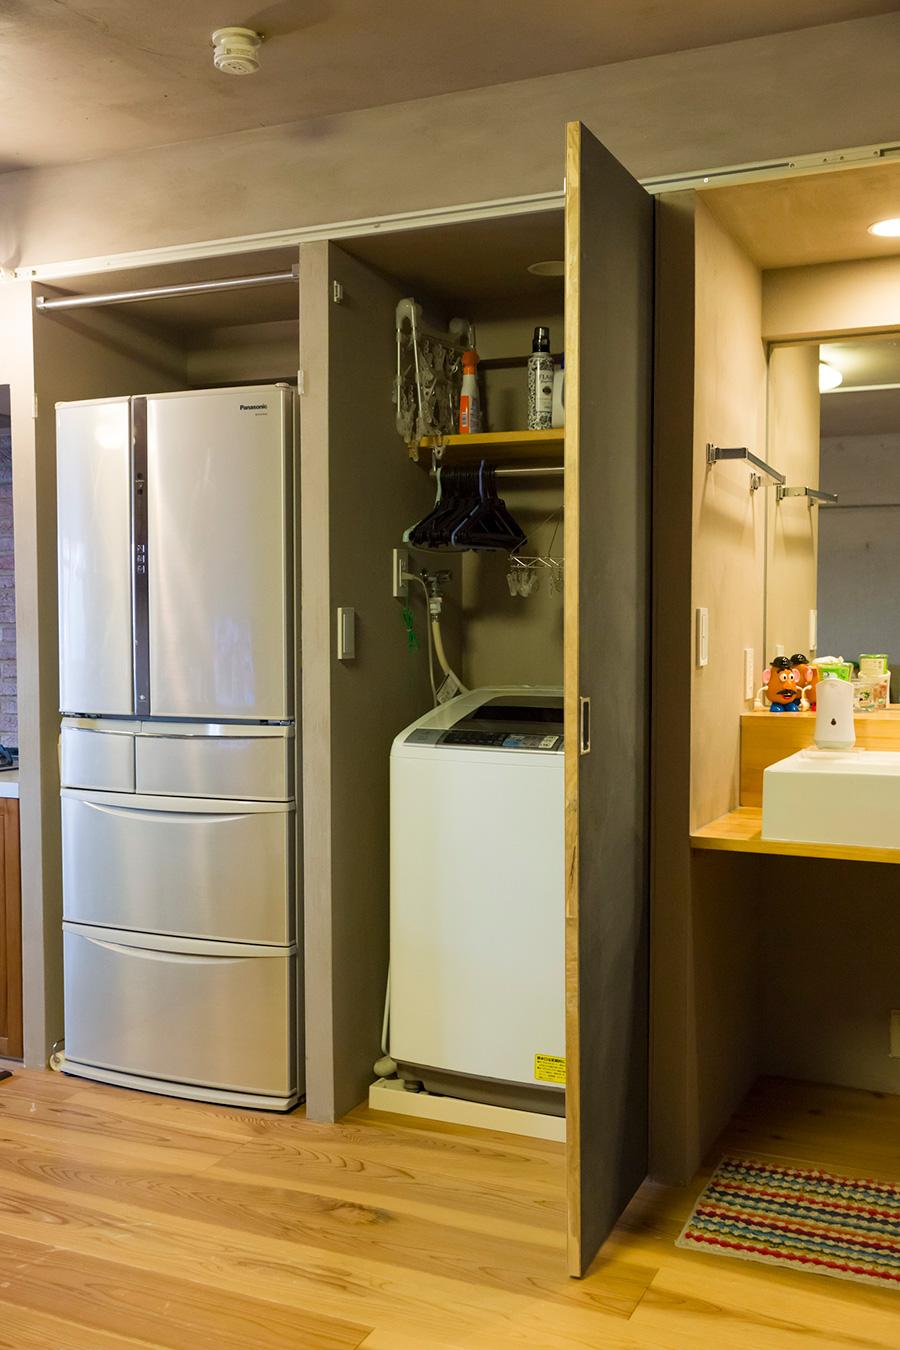 洗濯機や洗面台などを片側に集めることで、動線の無駄を省き、広い空間を確保している。